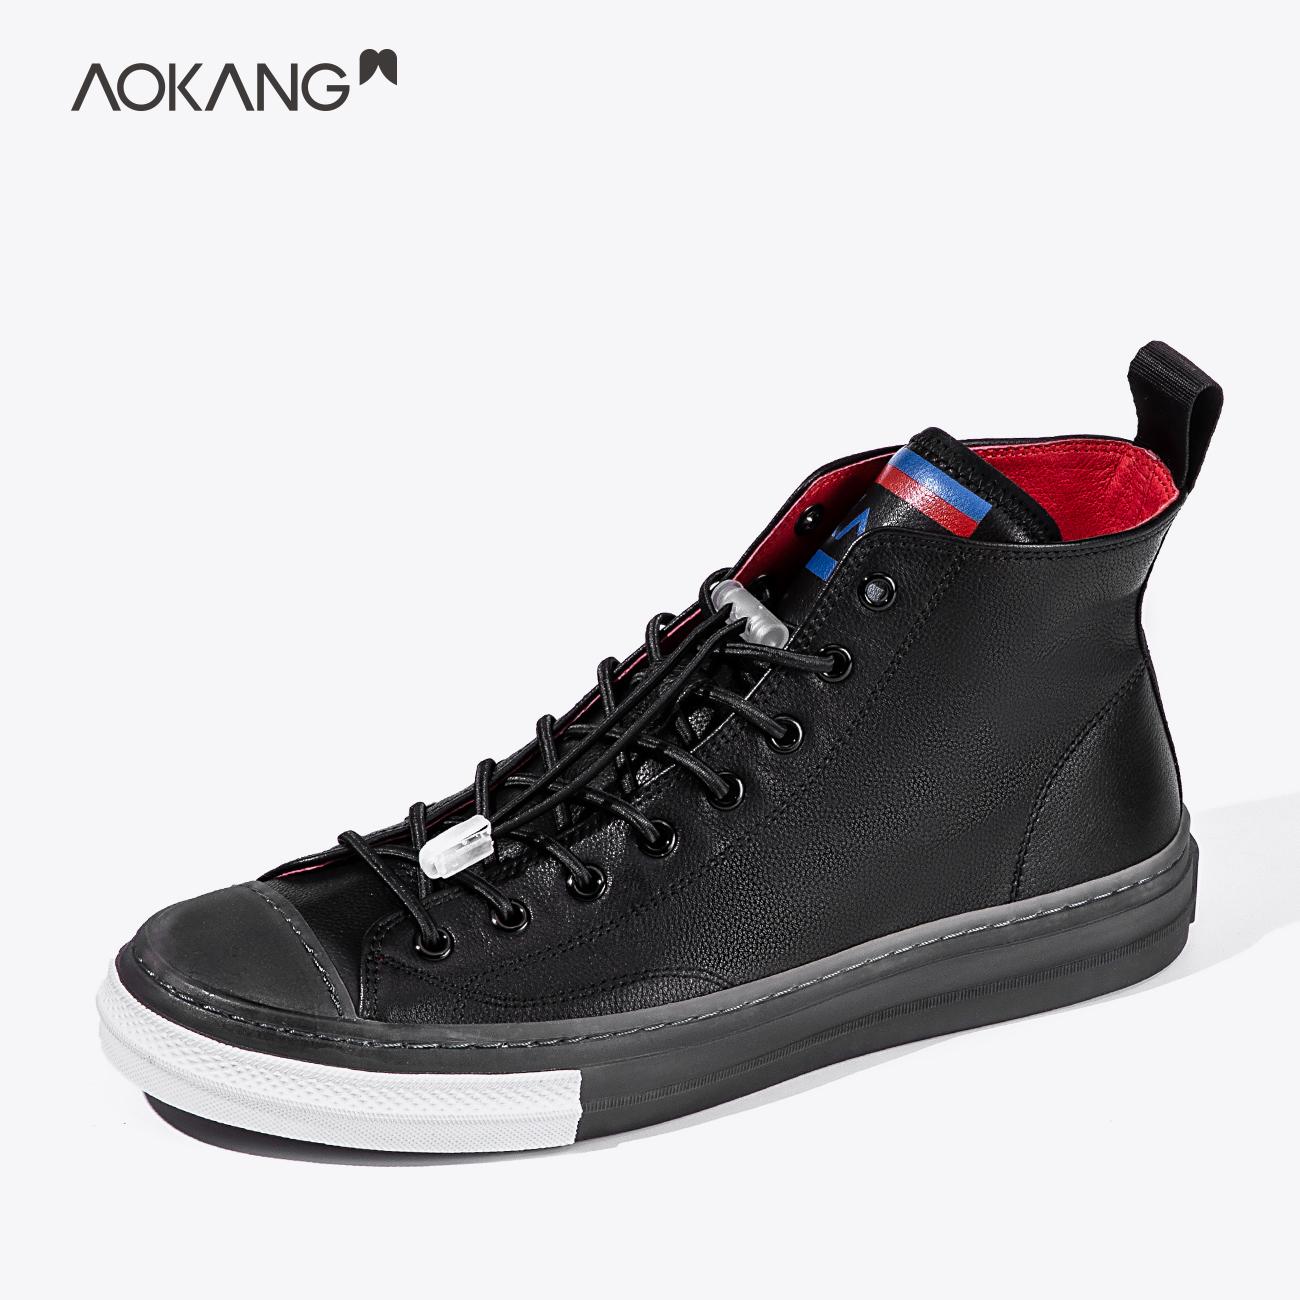 奥康夏季男士鞋子日常学生圆头透气男式白色个性青少年高帮鞋